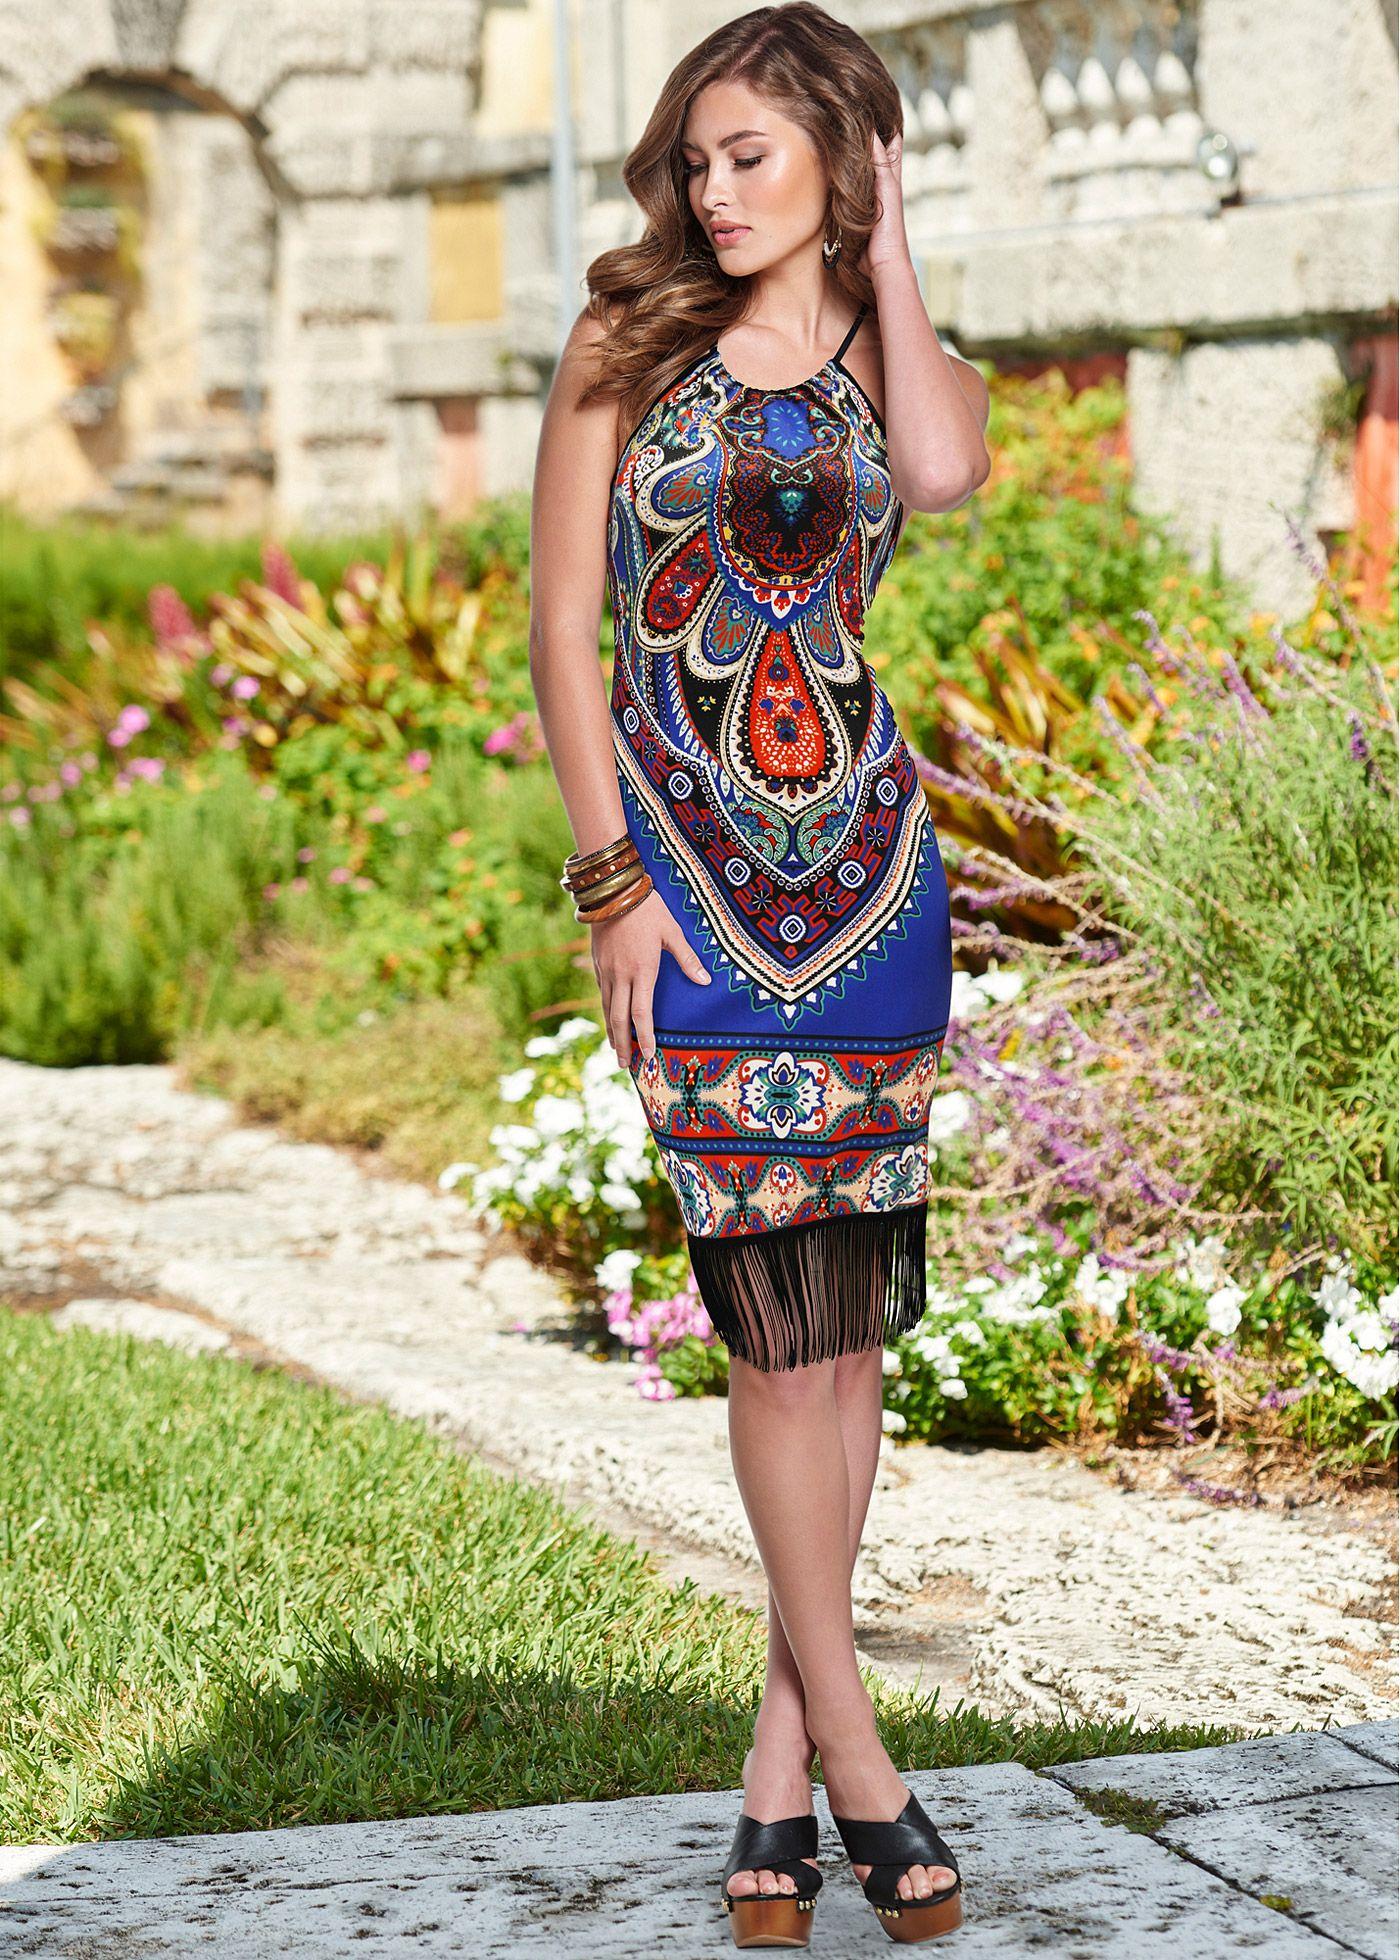 8526dd881 Vestido com franja preto encomendar agora na loja on-line bonprix.de R$  99,90 a partir de A estampa étnica é tendência de moda mais uma vez e faz  uma .